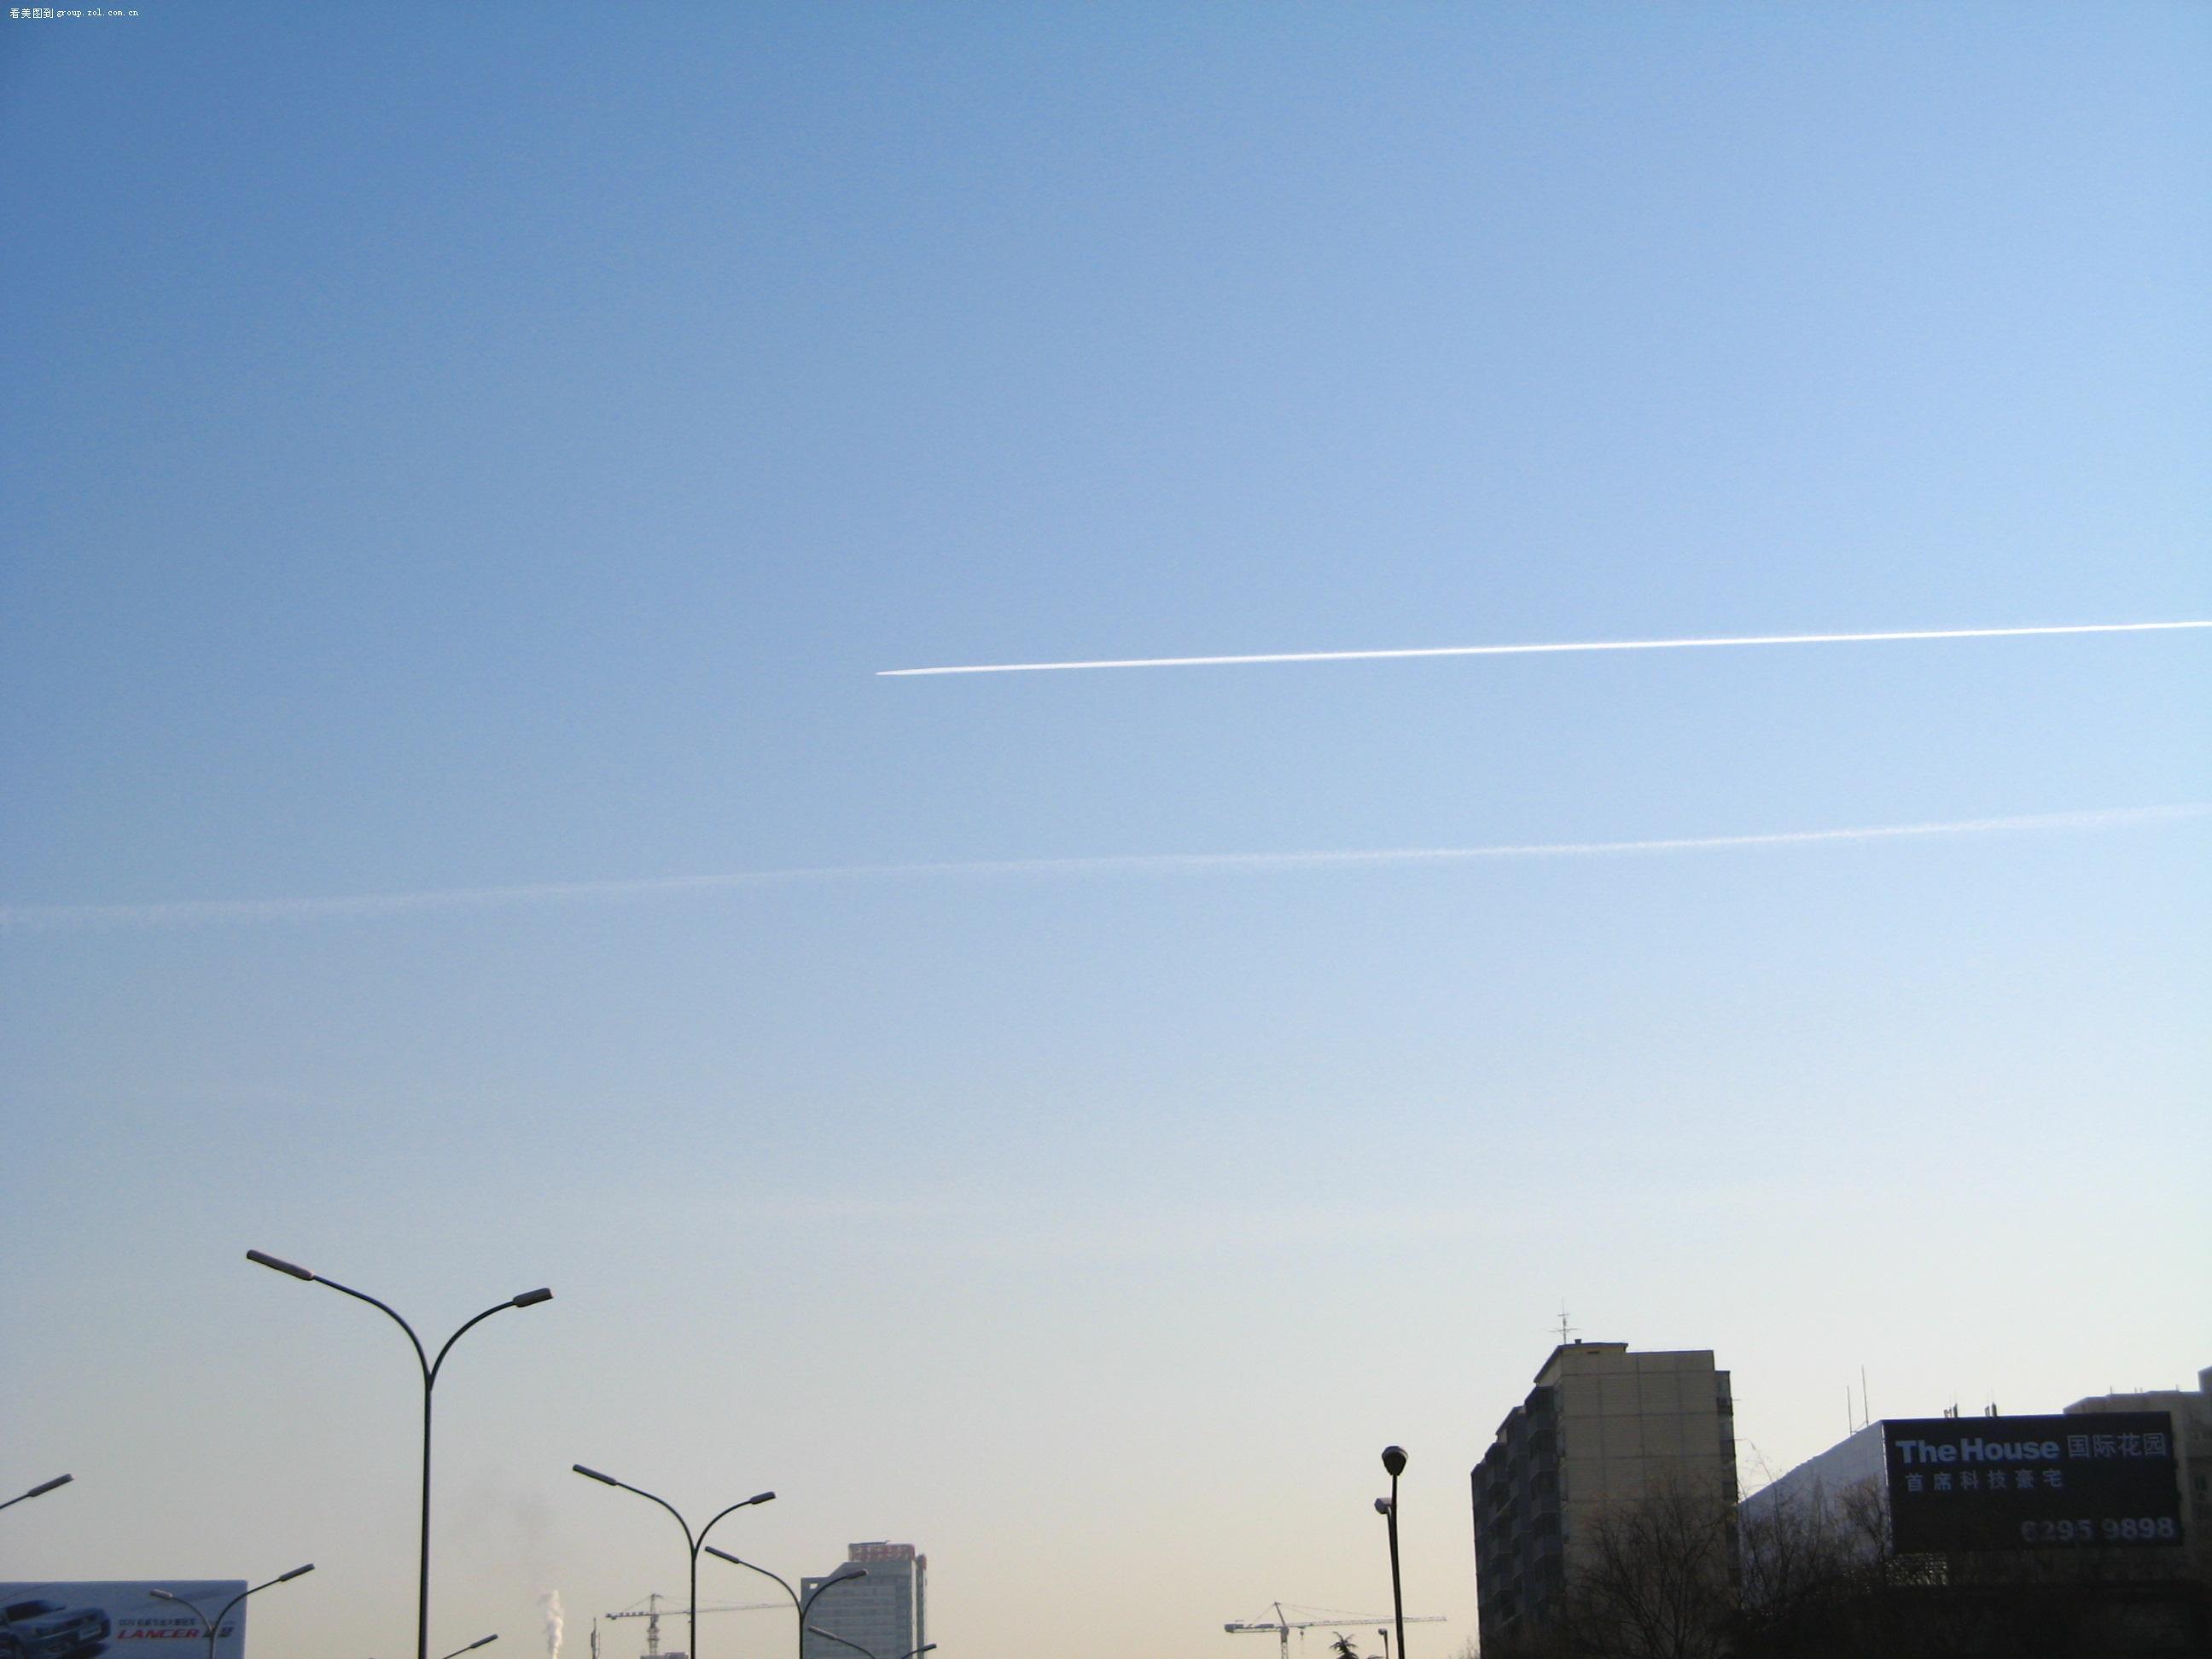 飞机划过天空有一道白